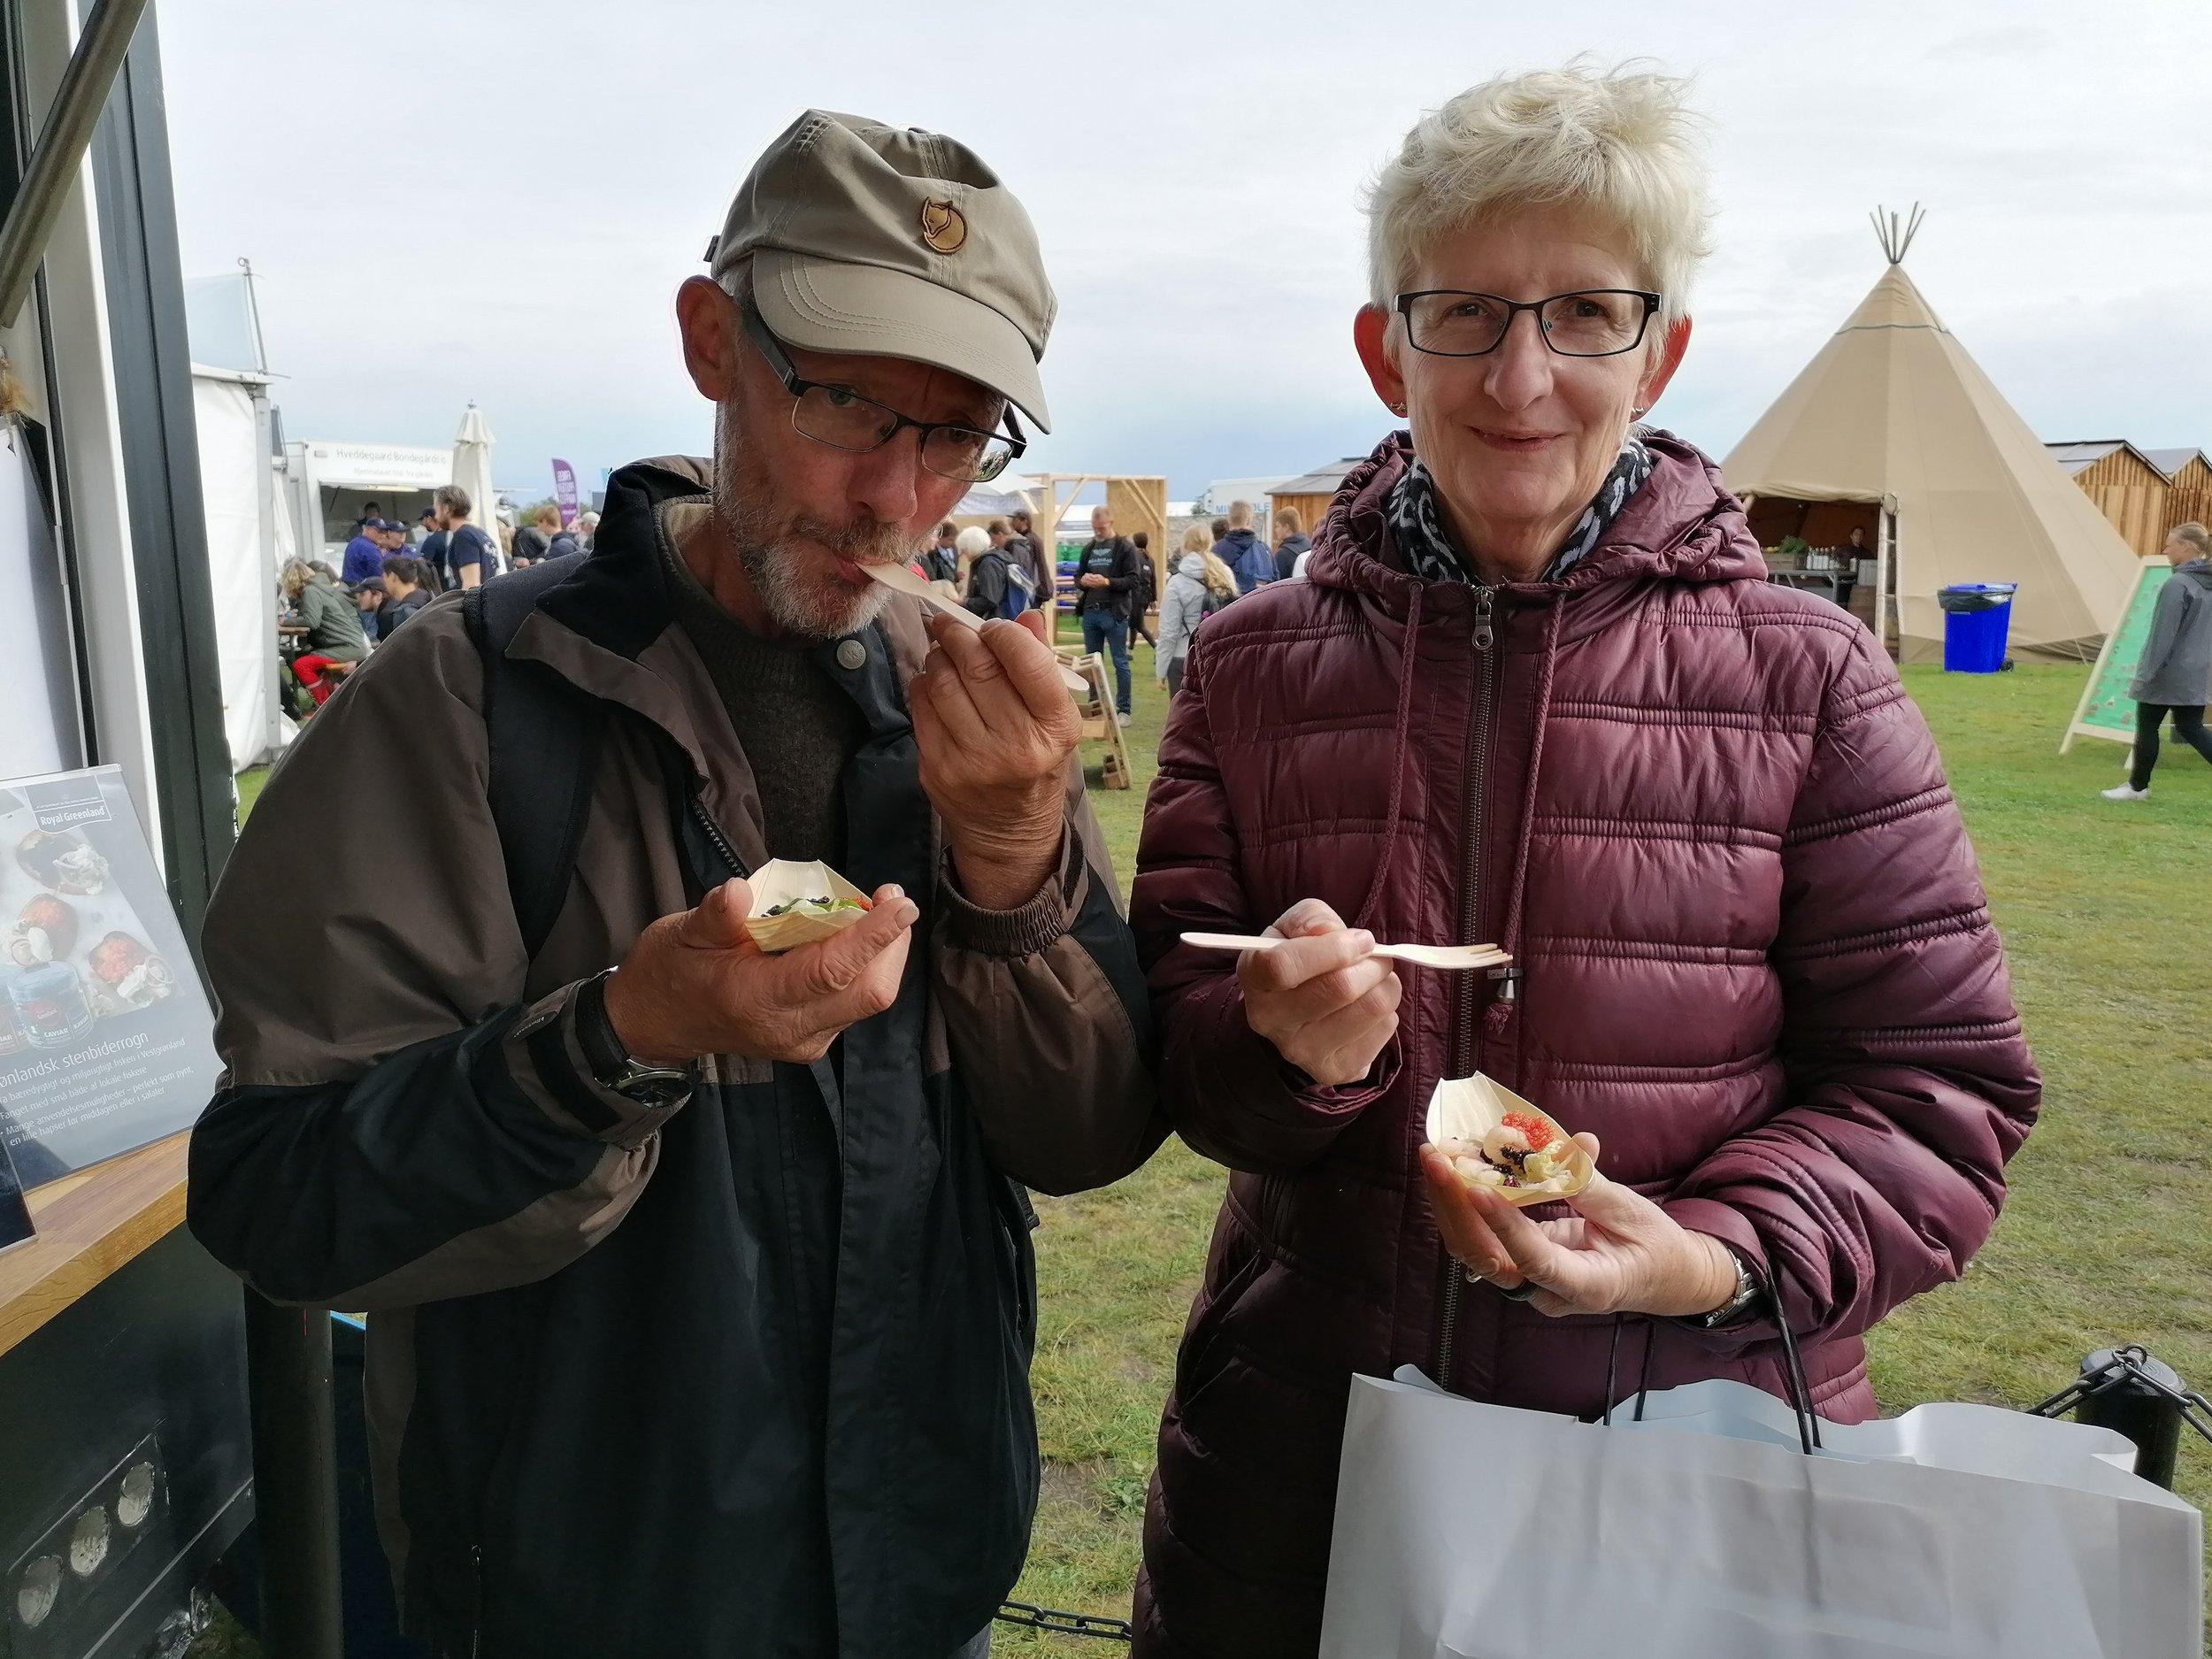 Gæsterne Kaj og Jette syntes rejecocktailen smagte rigtig godt.